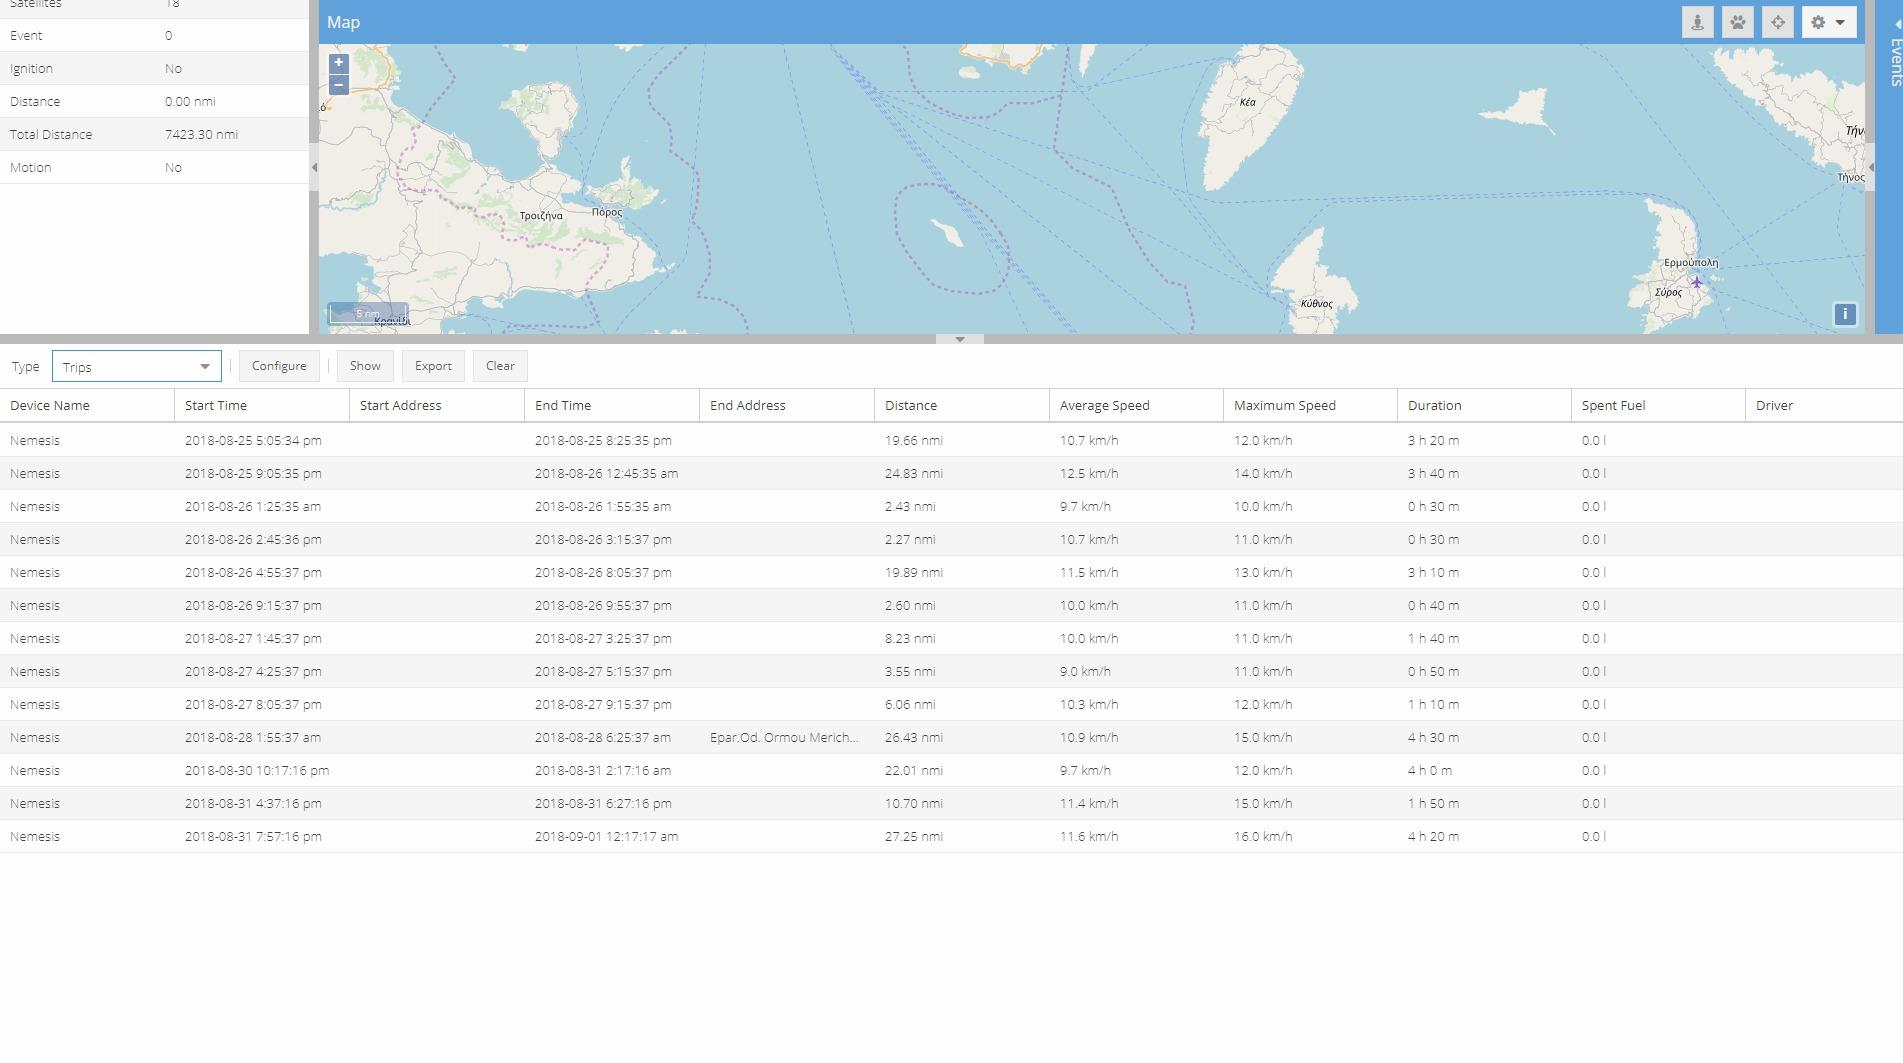 Αναφορά ταξιδιού Tracker σε δεδομένο χρόνο